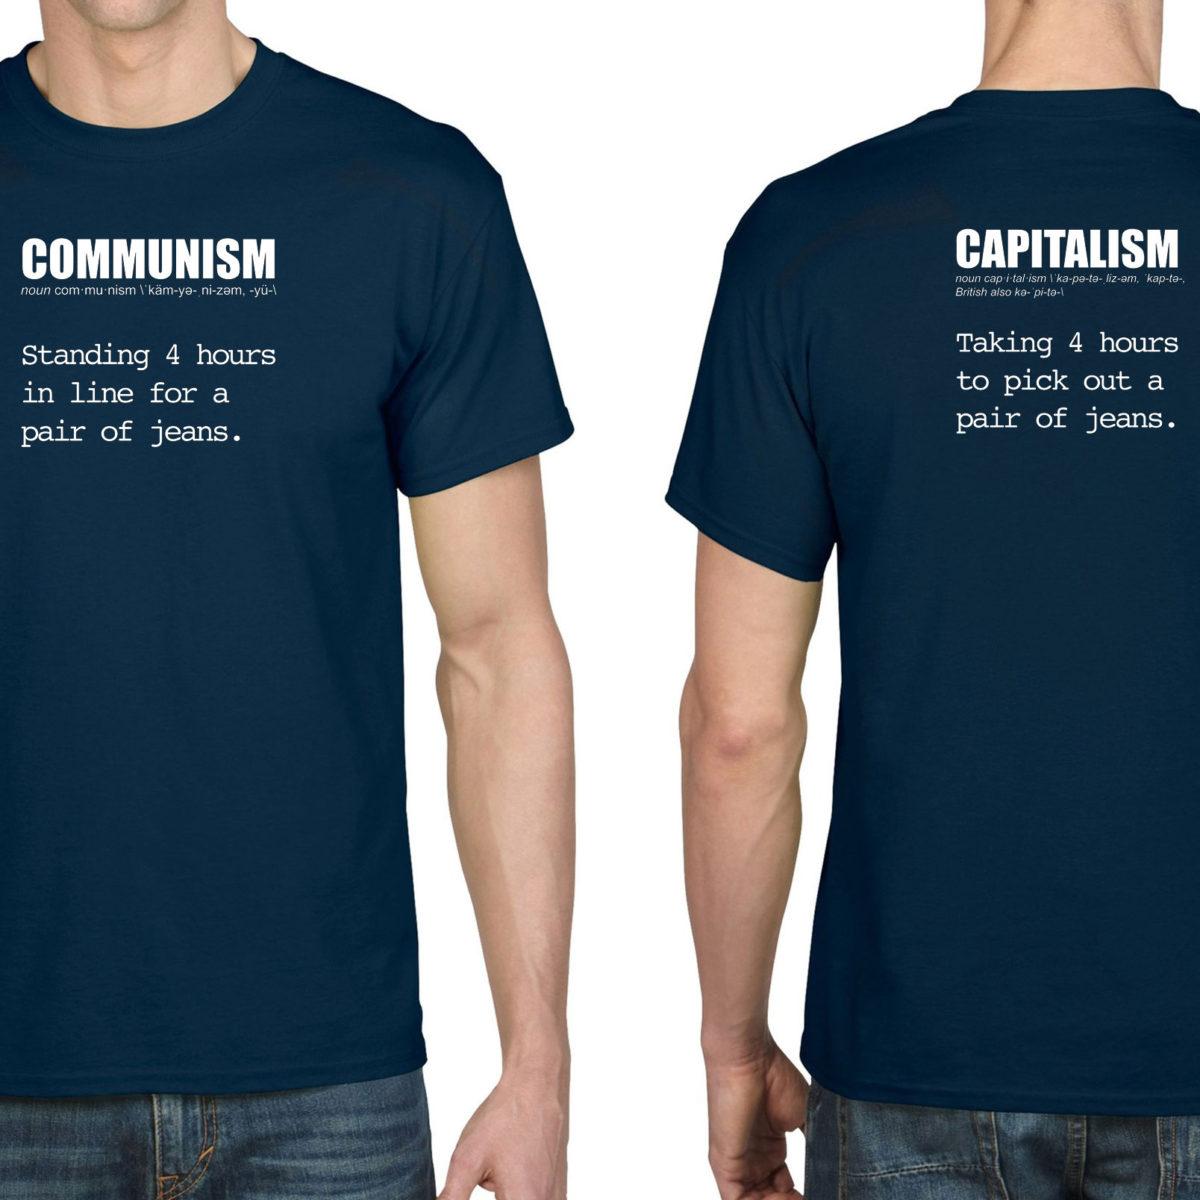 capitalism shirt